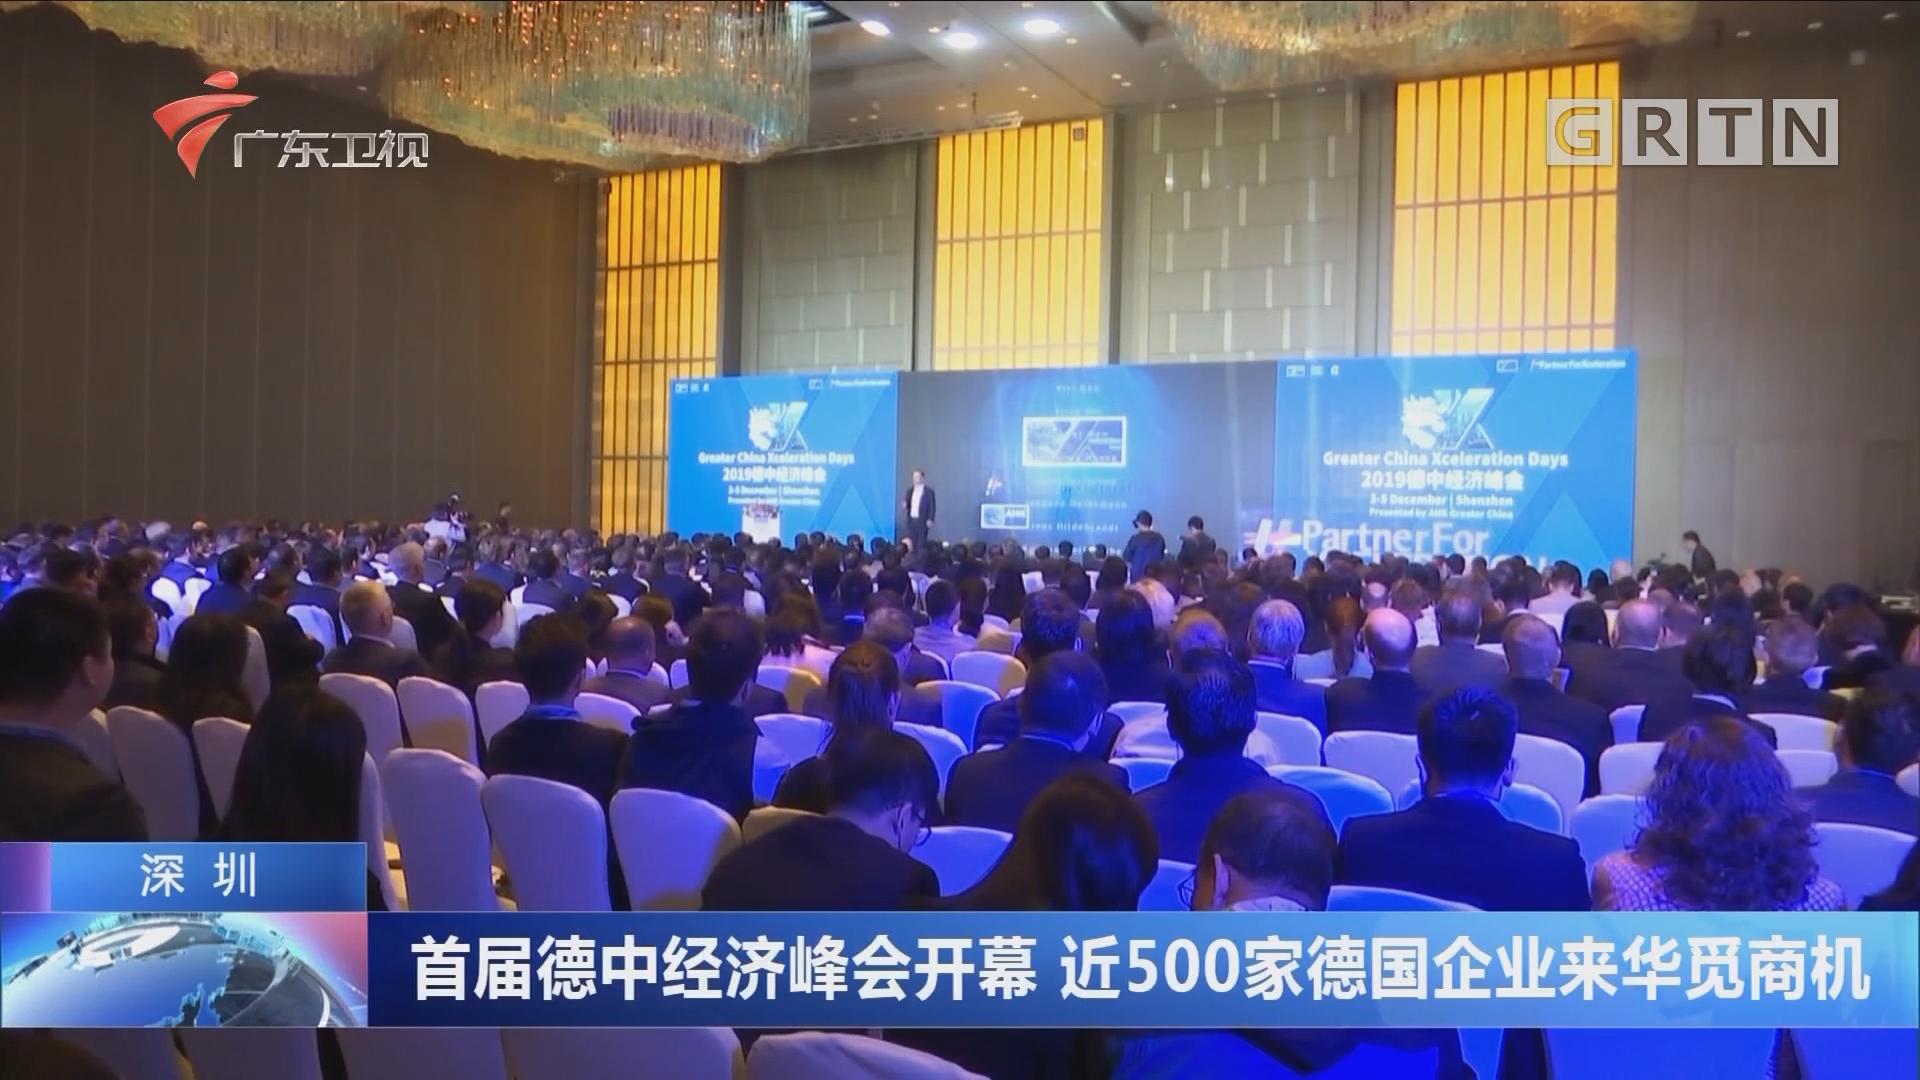 深圳:首届德中经济峰会开幕 近500家德国企业来华觅商机